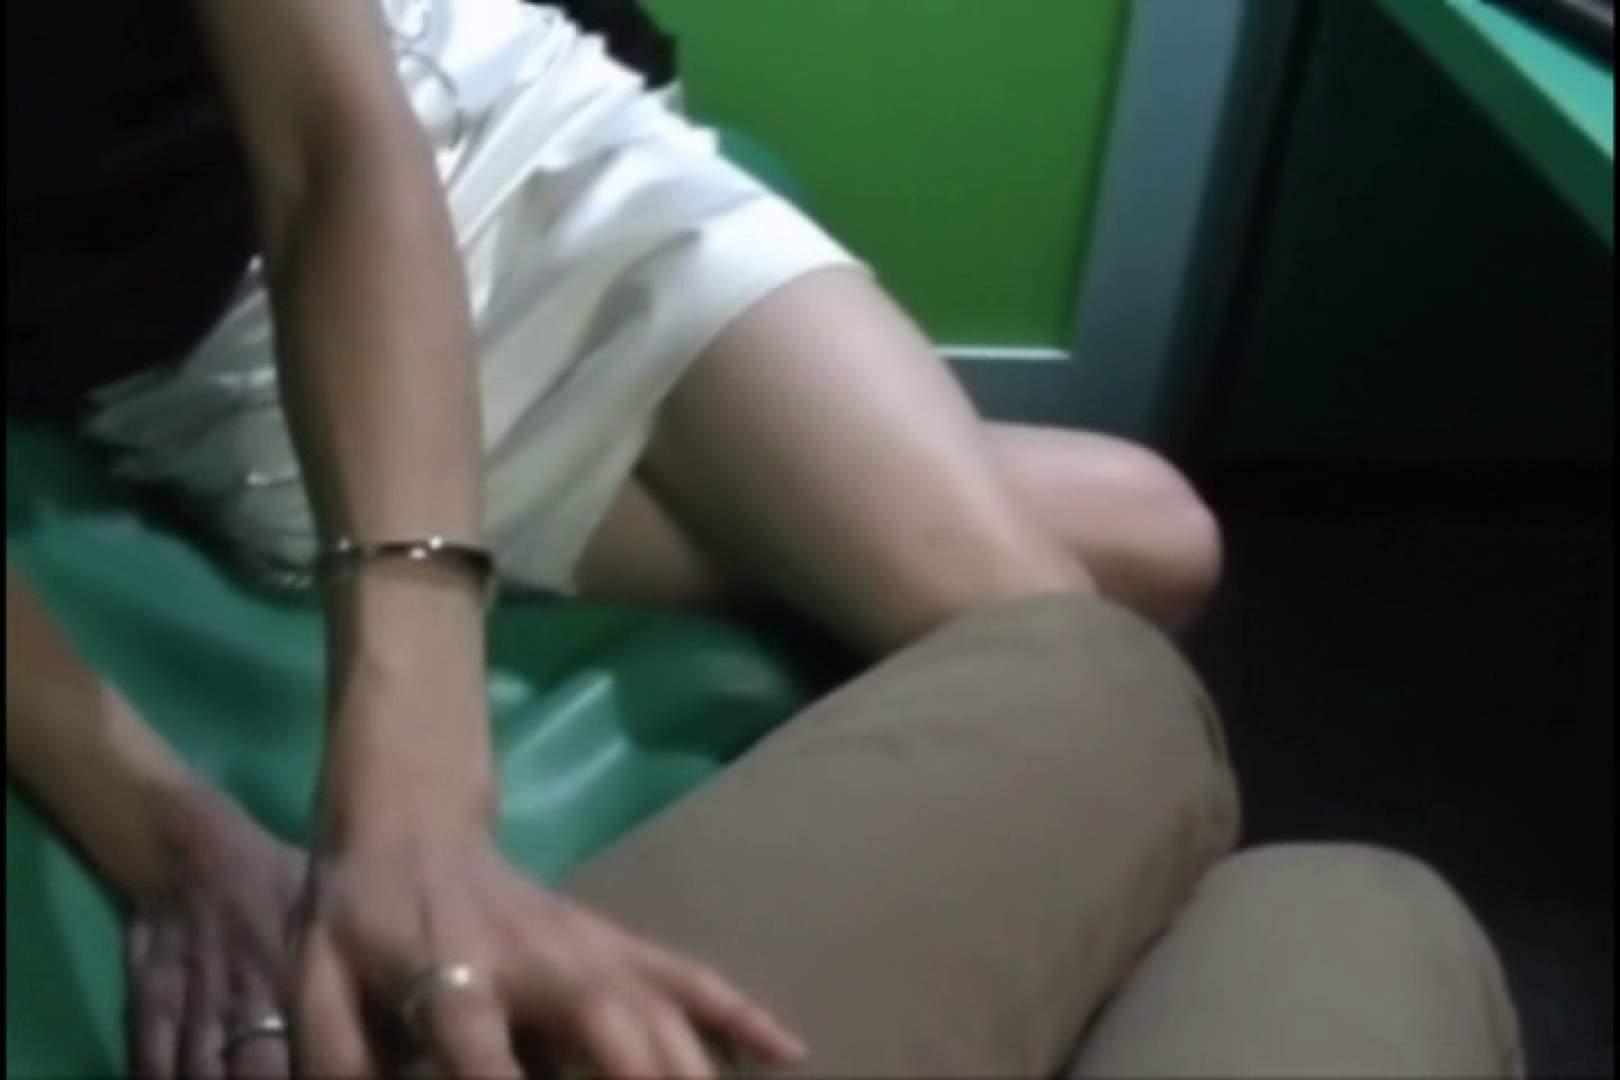 素人モデル募集で来た素人に漫喫でフェラさせました 素人のぞき 濡れ場動画紹介 101pic 46